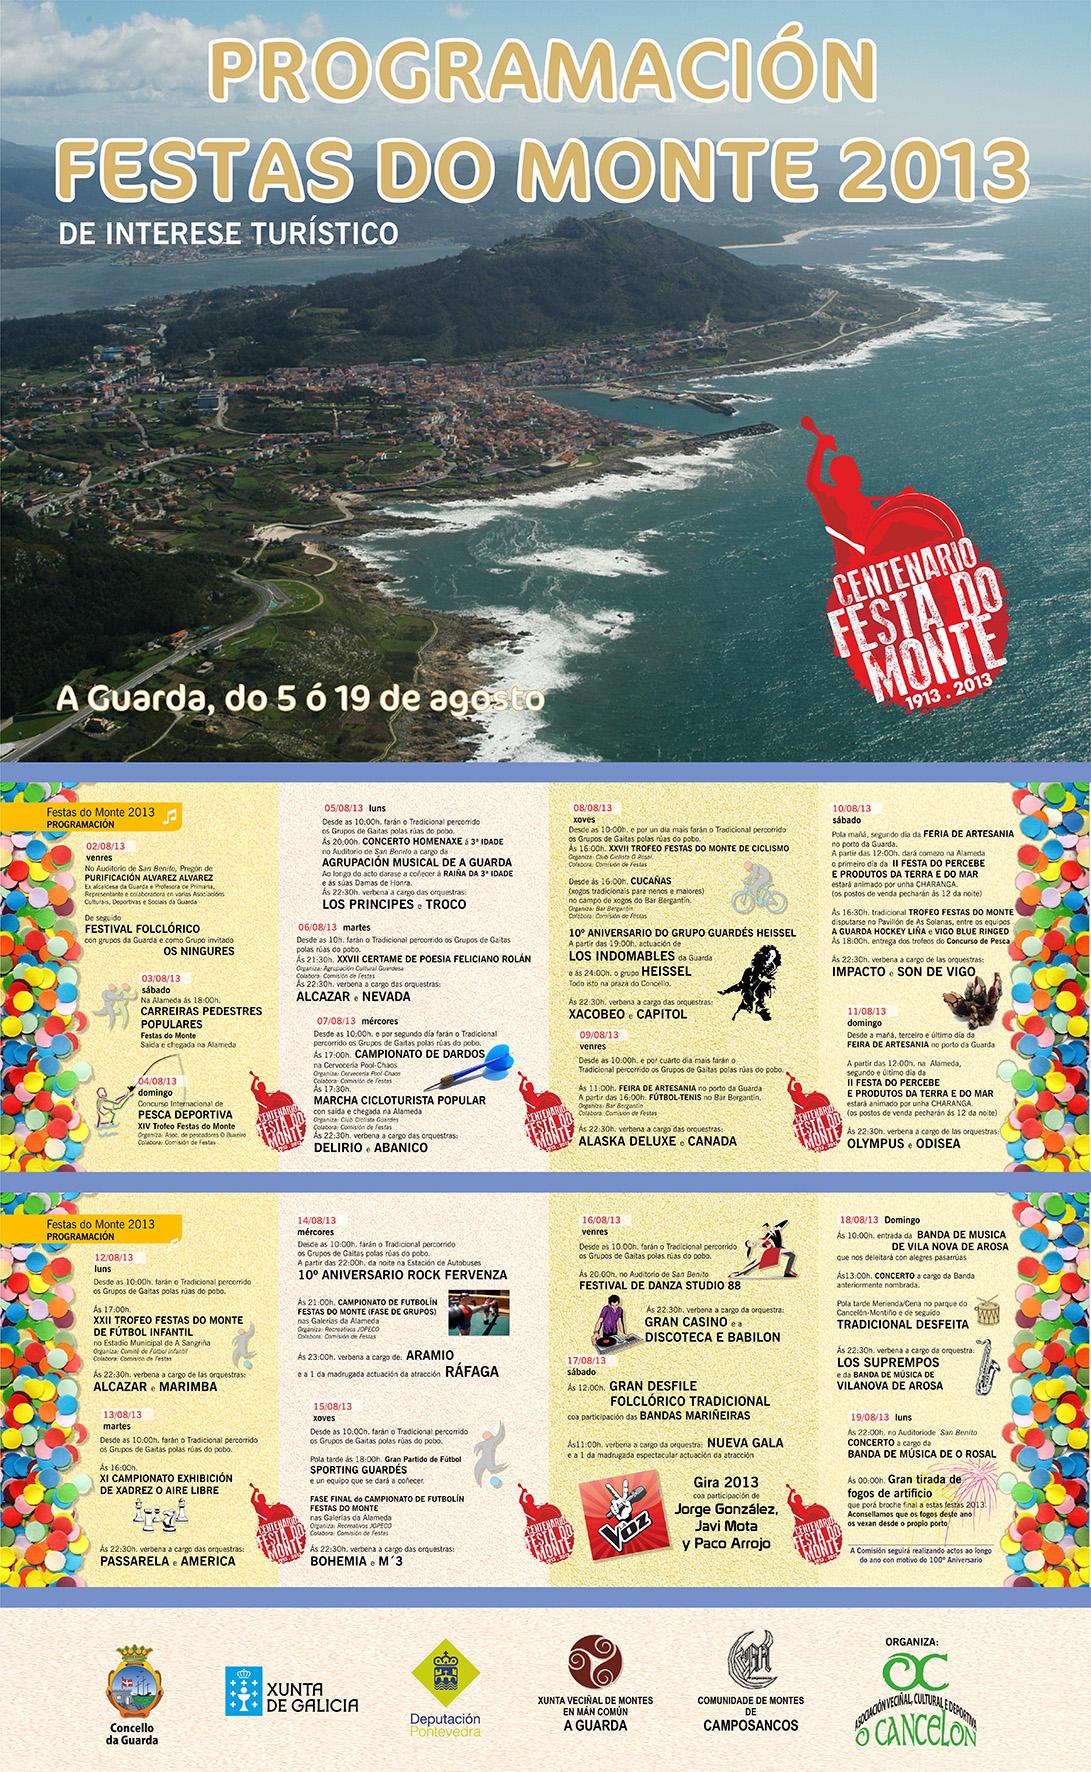 Infominho - PROGRAMACIÓN CENTENARIO FESTAS DO MONTE 2013 DO 5 Ó 19 DE AGOSTO NA GUARDA - INFOMIÑO - Informacion y noticias del Baixo Miño y Alrededores.